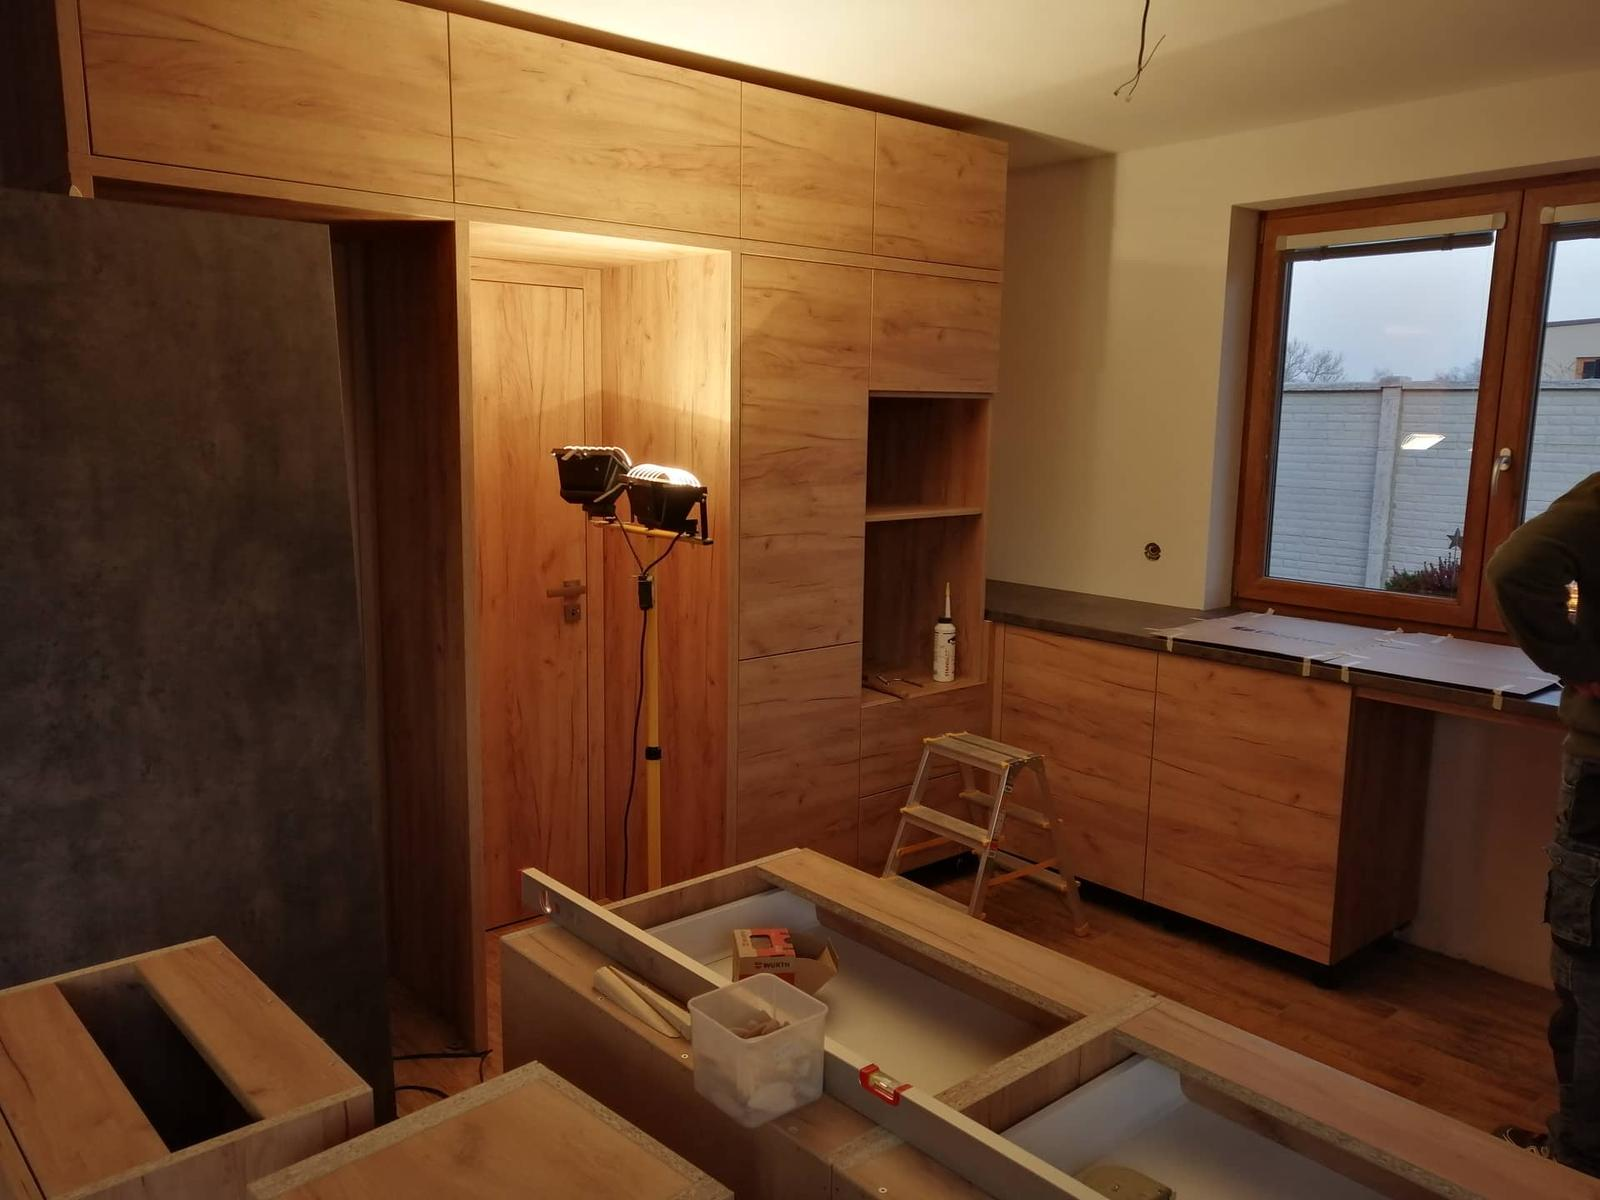 Náš vysněný domov :-) - kuchyň už se rýsuje :-) :-) jsme nadšení